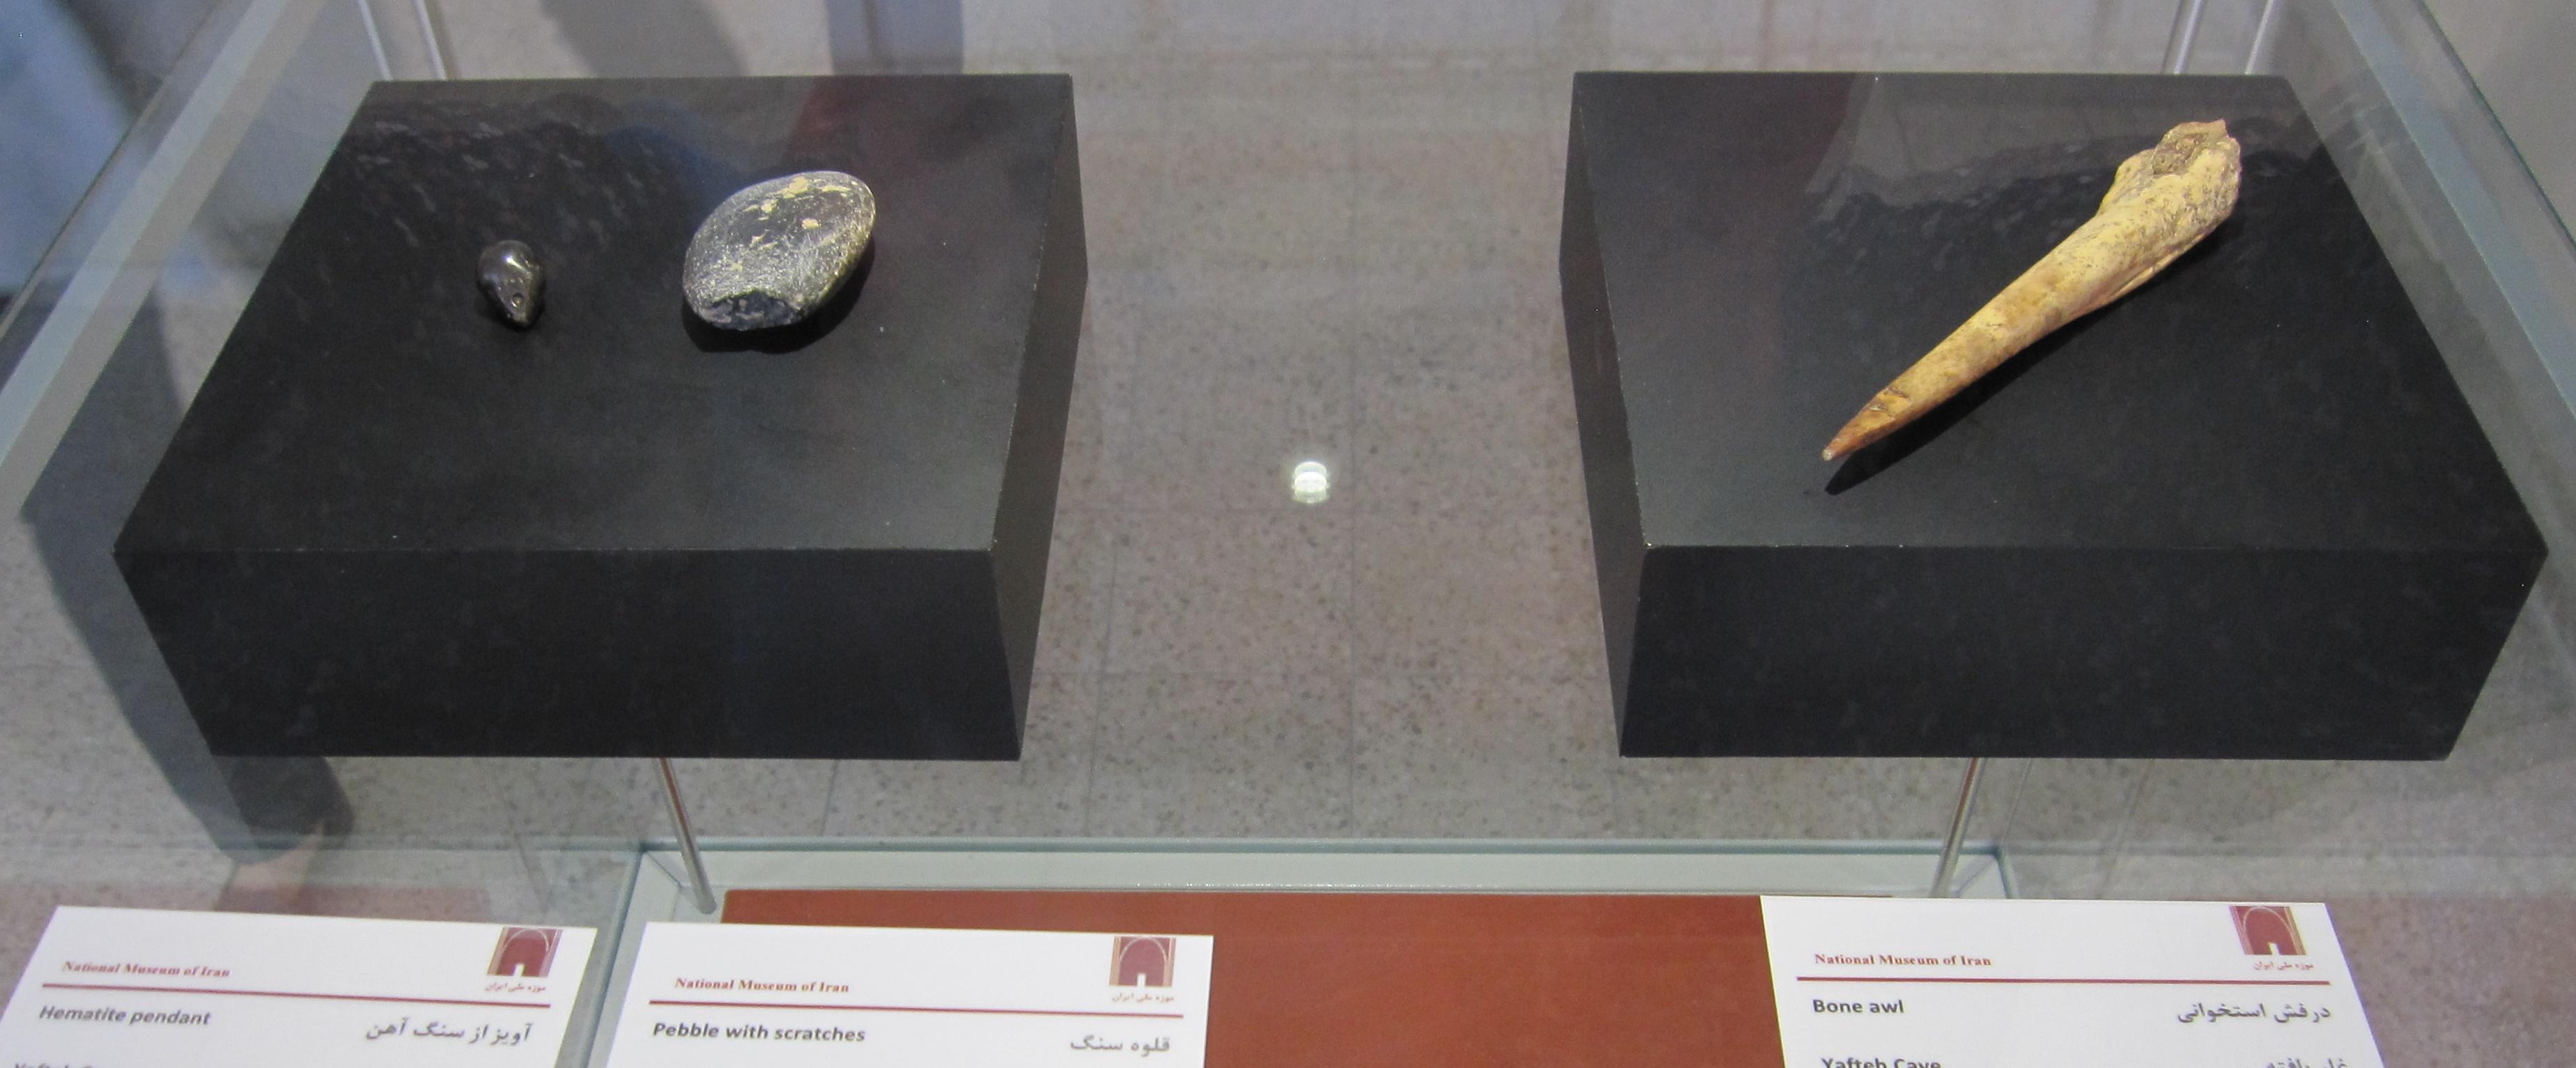 غار یافته خرمآباد در موزه ملی ایران